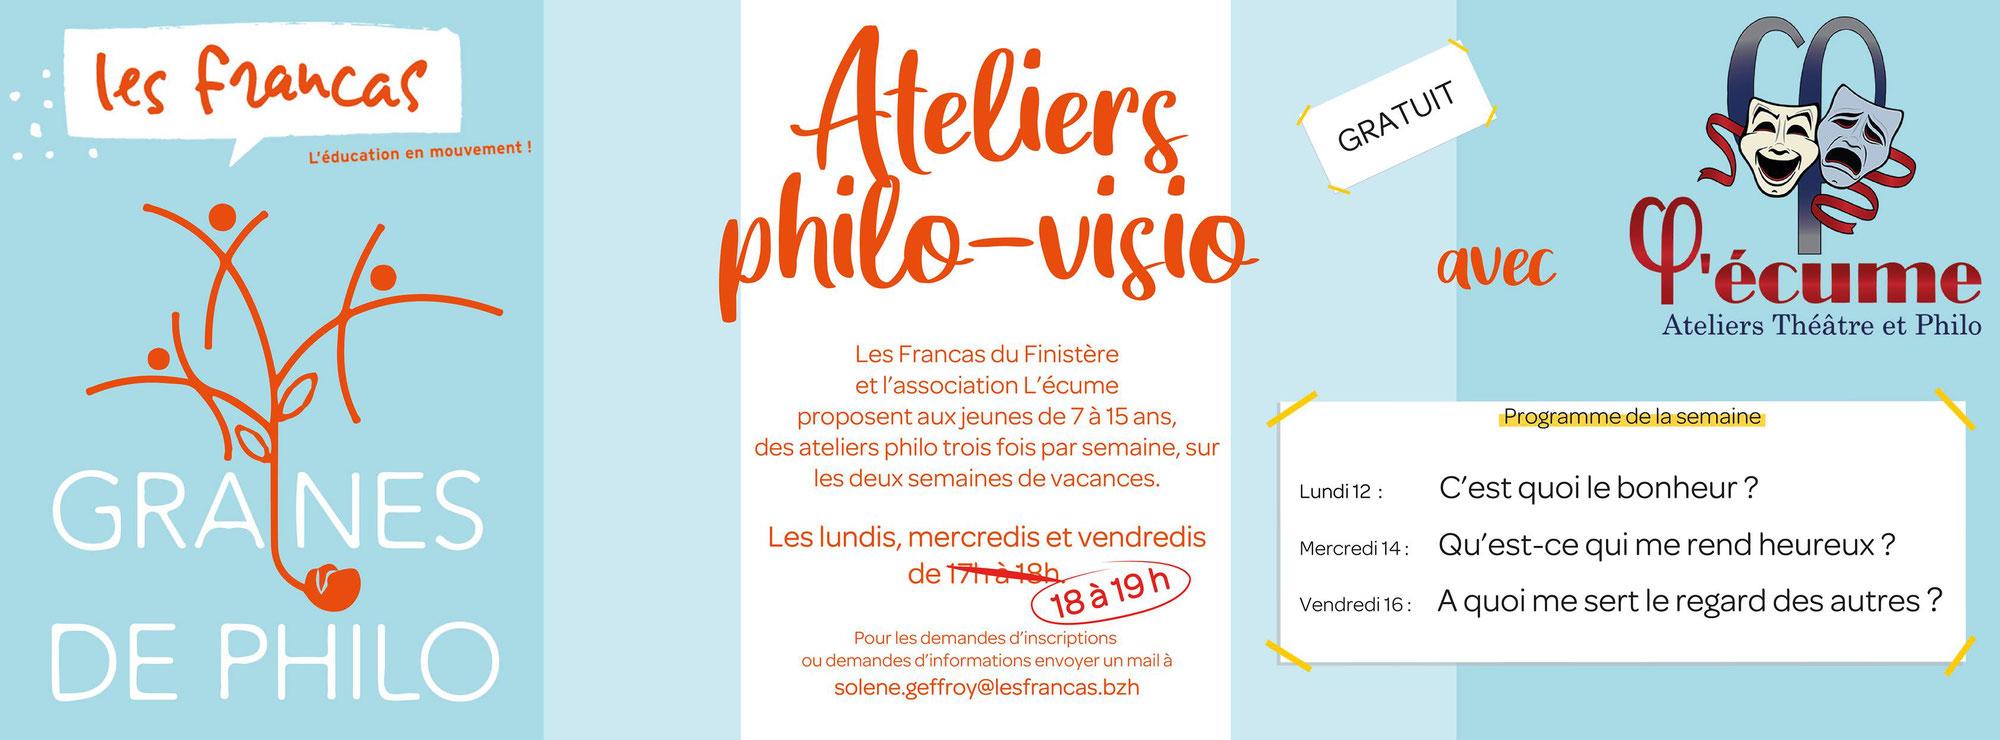 Opération spécial vacances de Printemps : 5 ateliers philo en Visio gratuits avec les Francas du 29